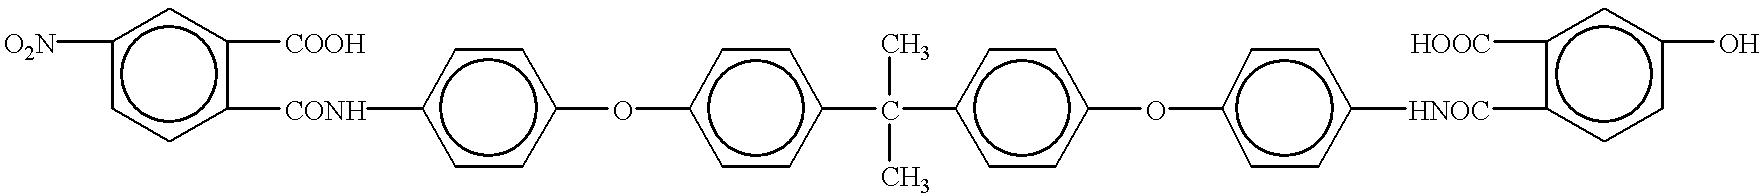 Figure US06180560-20010130-C00614